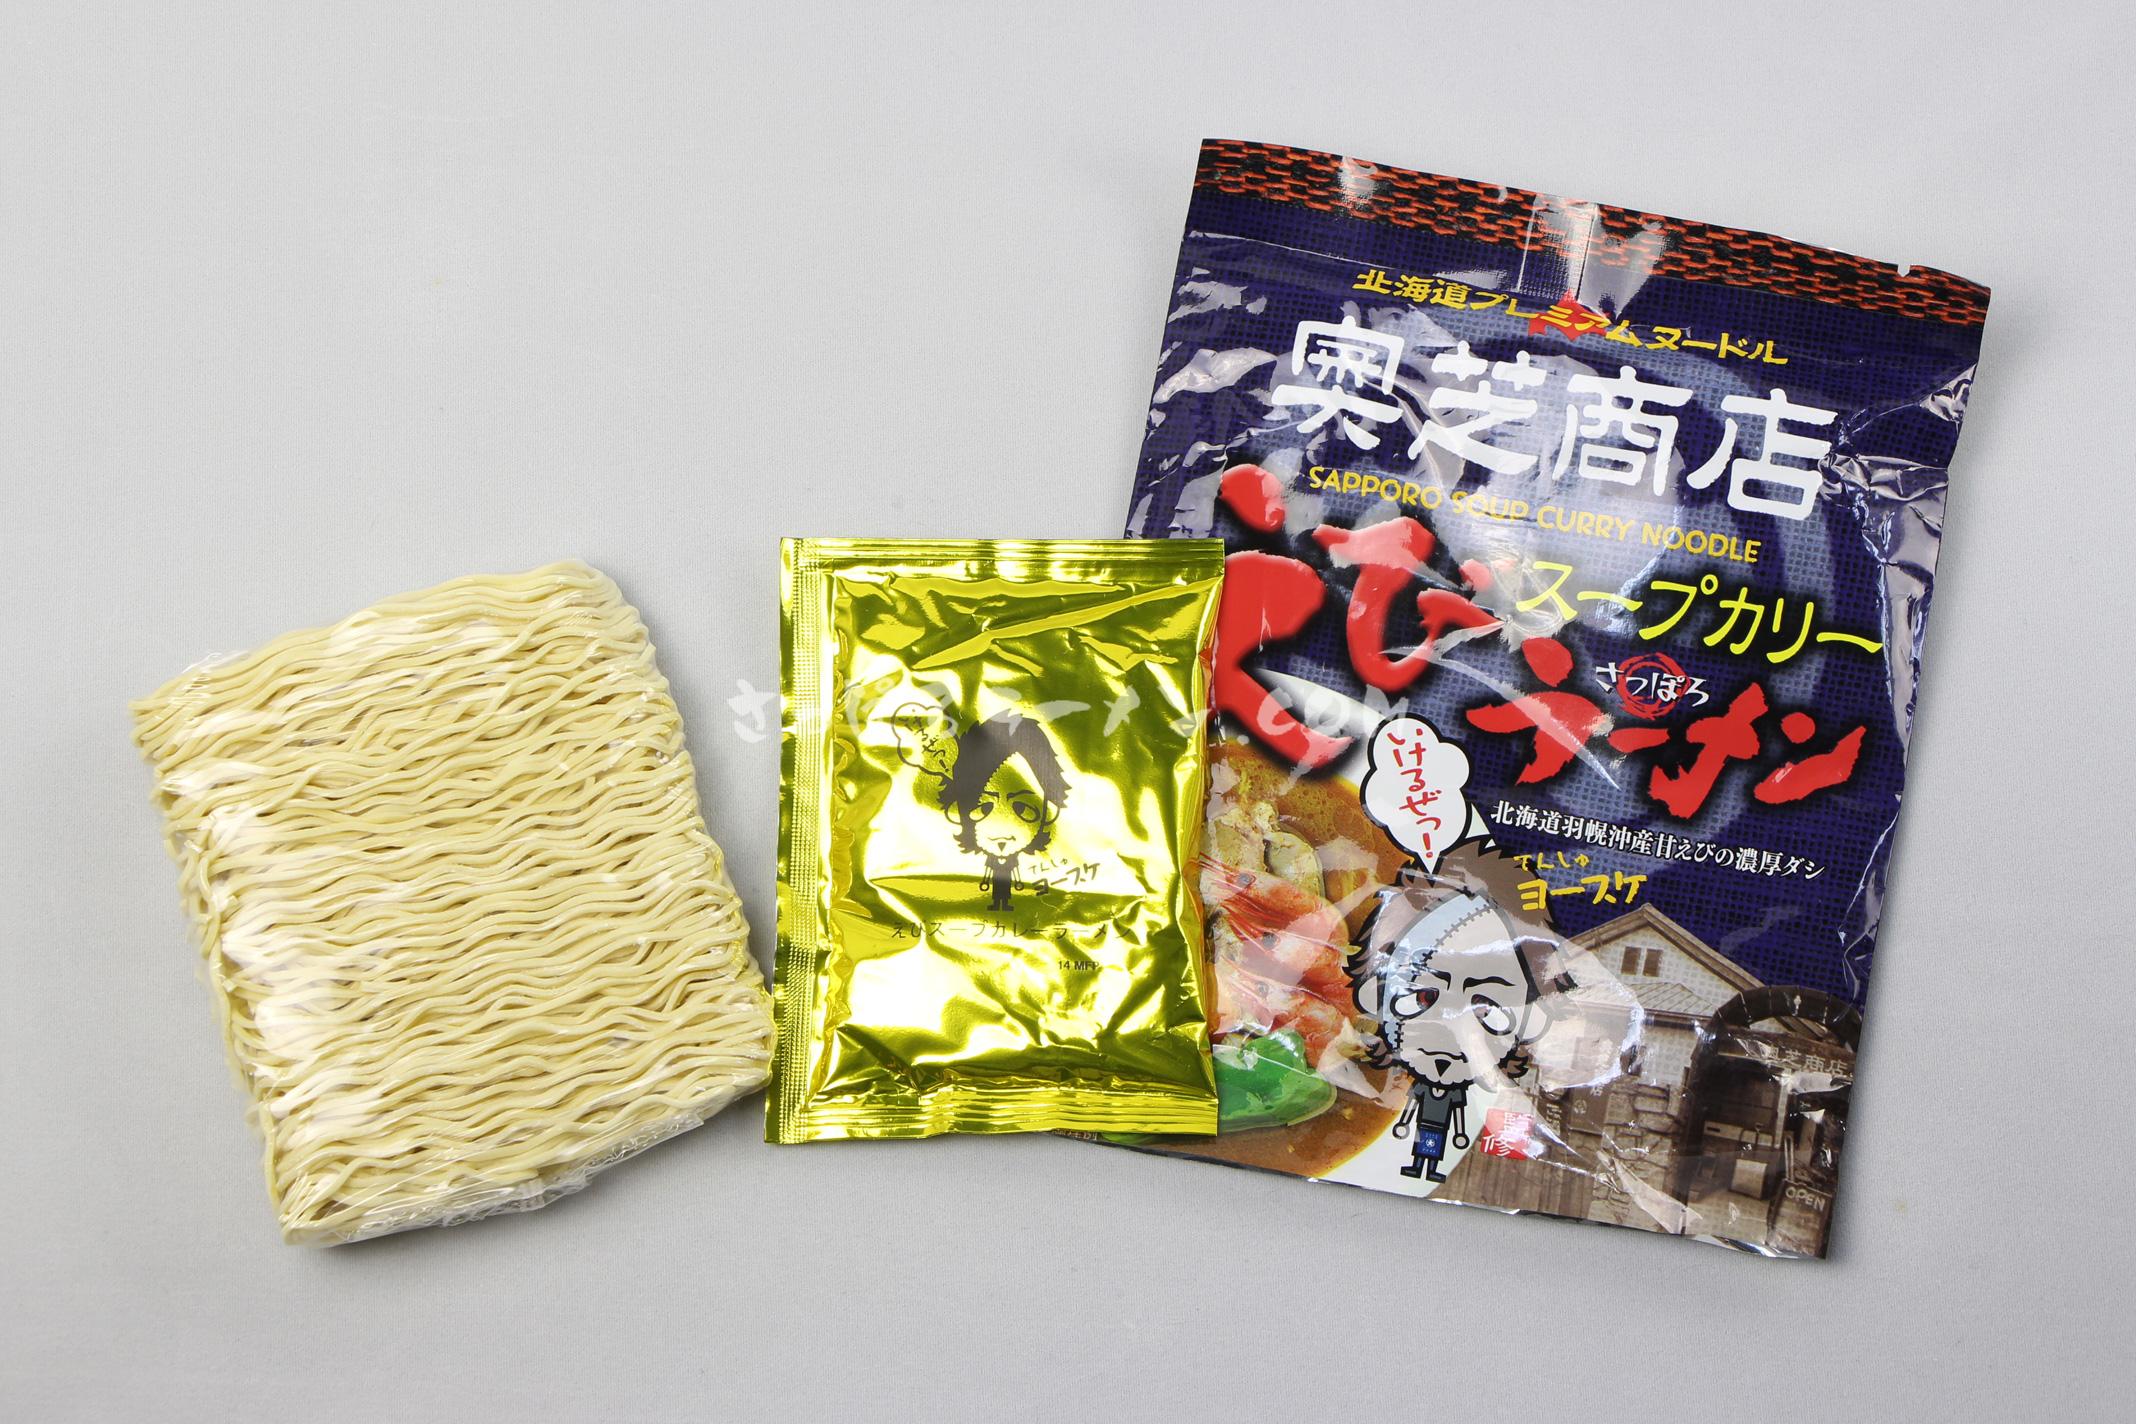 「北海道プレミアムヌードル 奥芝商店 さっぽろスープカリー えびラーメン」(大志食品企画株式会社)の麺とスープ